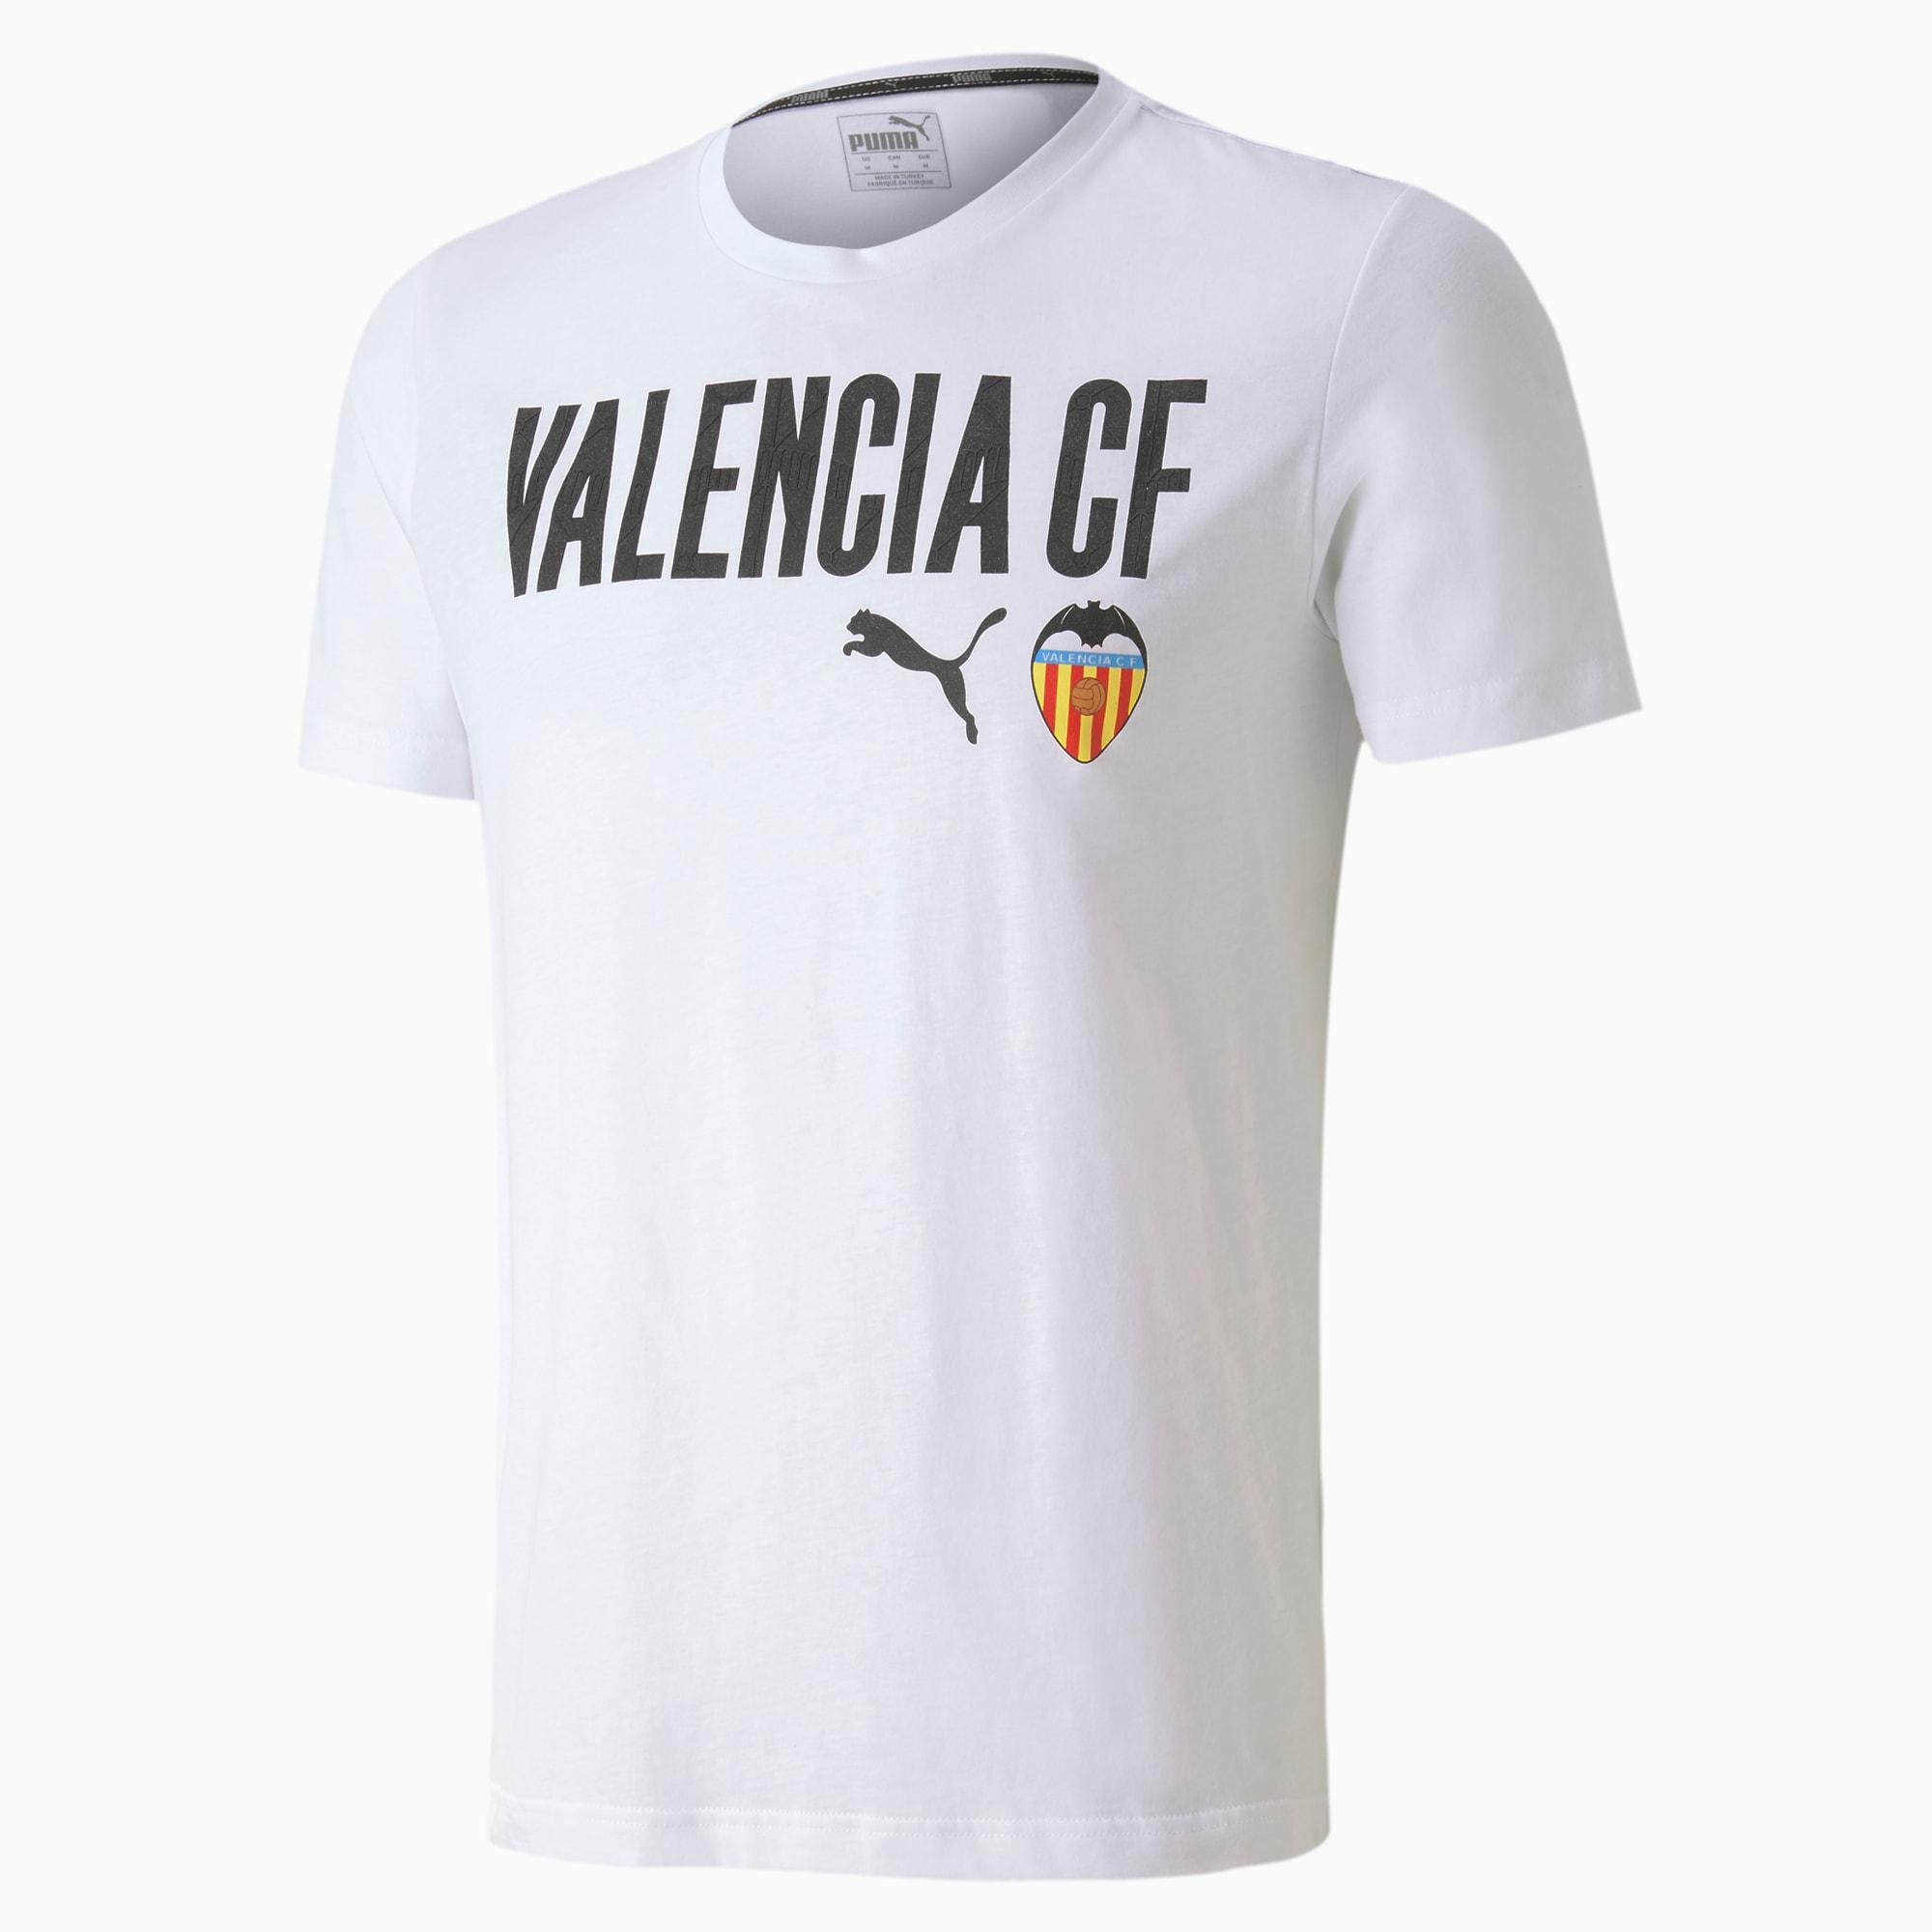 Valencia CF ftblCORE Wording voetbalshirt voor Heren, Wit/Zwart, Maat M | PUMA